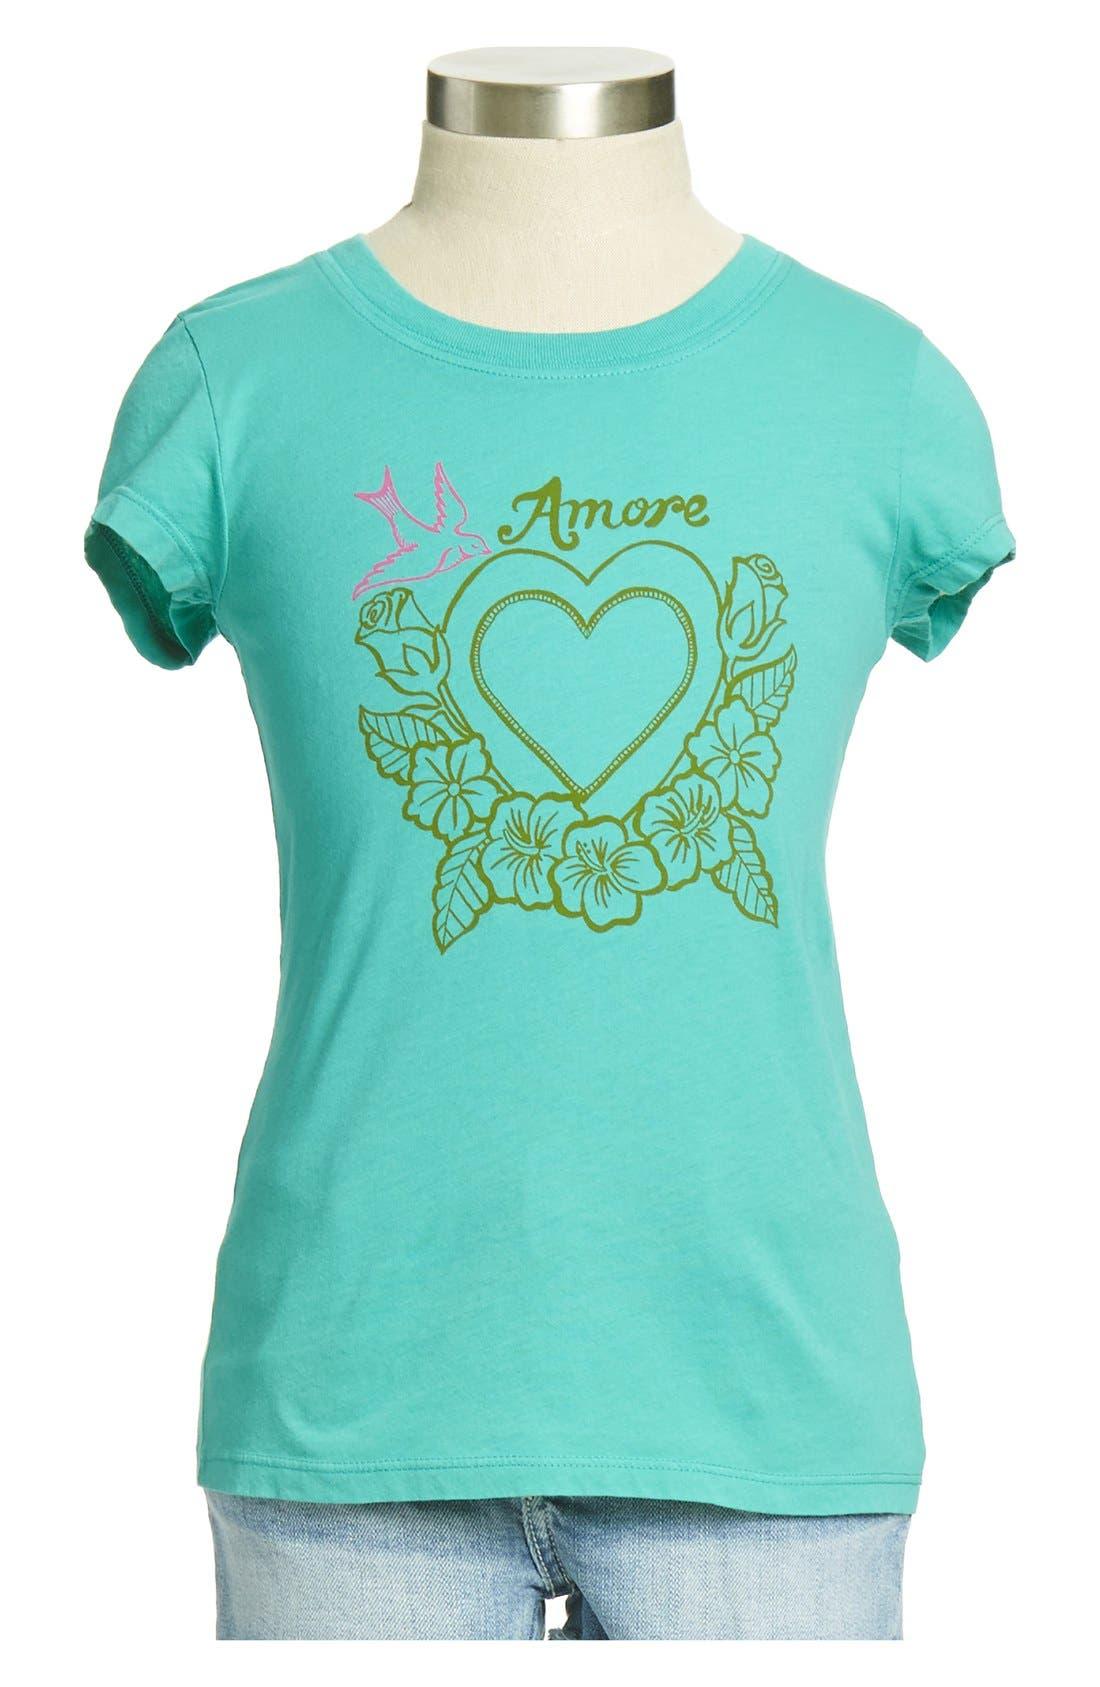 Main Image - Peek 'Amore' Graphic Cotton Tee (Toddler Girls, Little Girls & Big Girls)